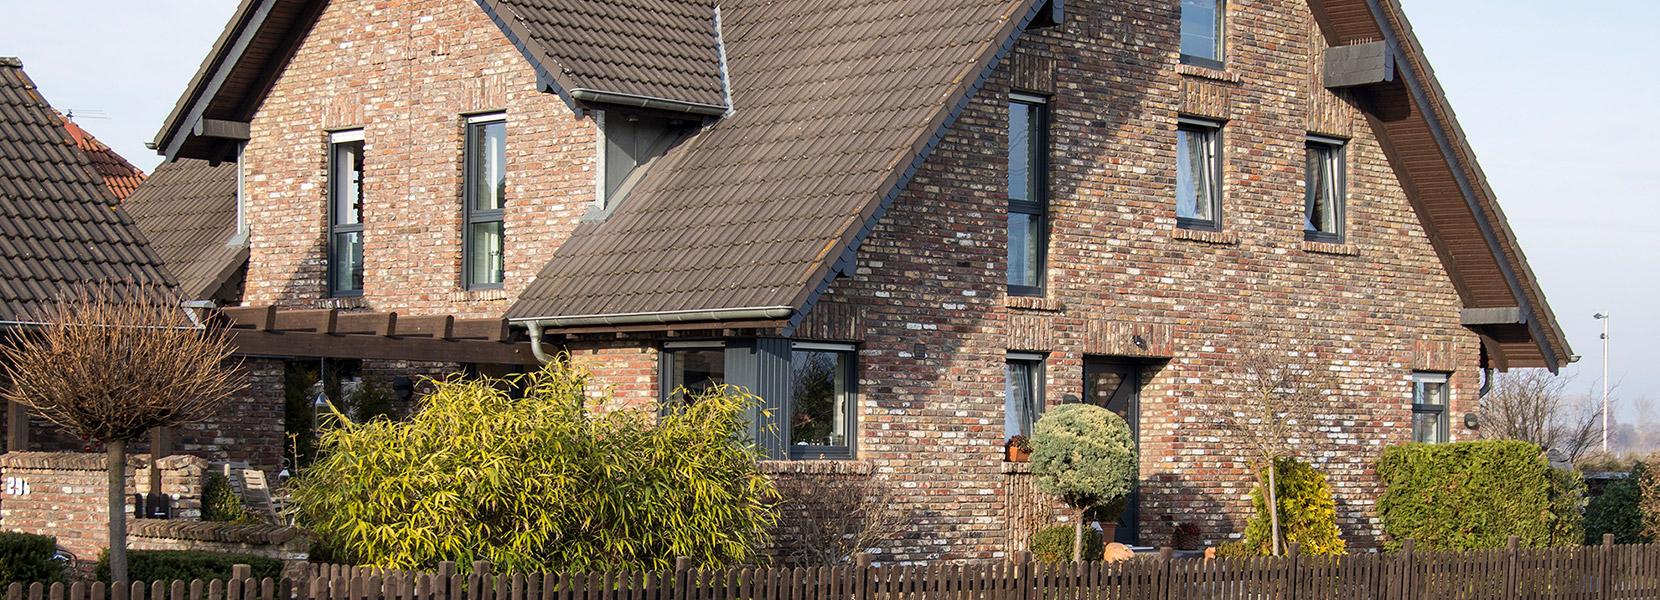 Hausverwaltung immobilienverwaltung gille immobilien for Von privat haus mieten